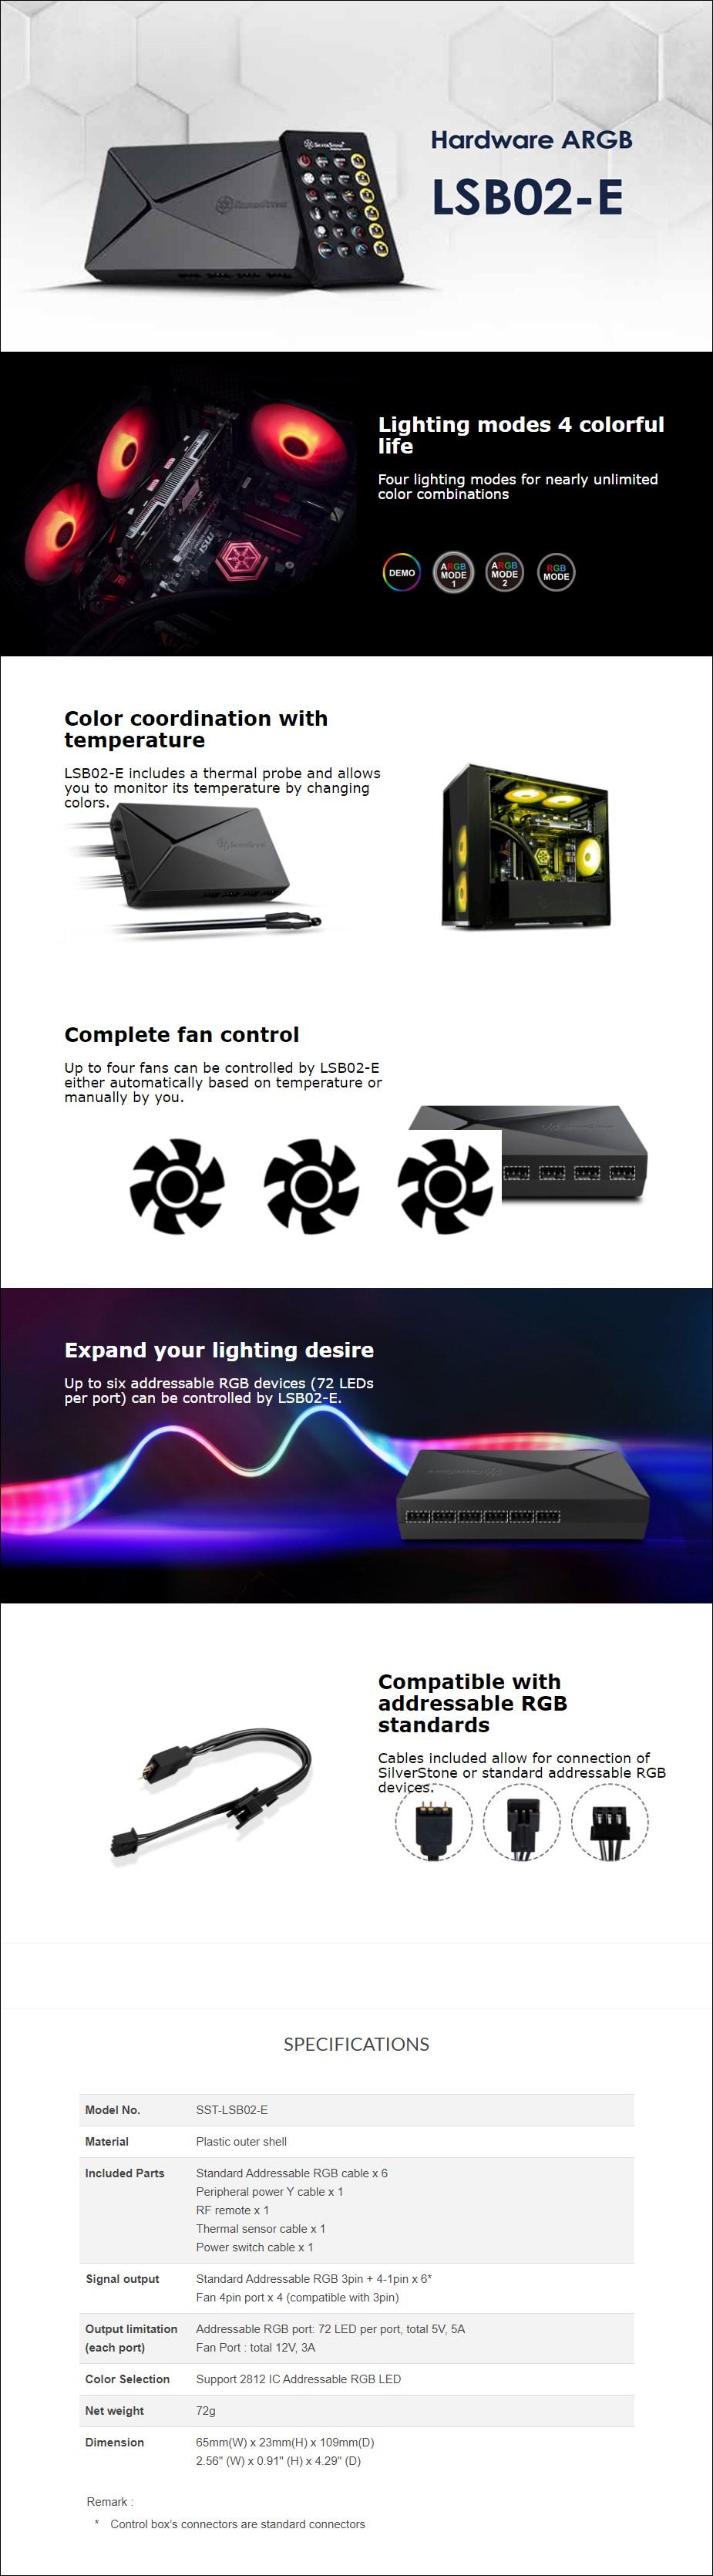 Silverstone SST-LSB02 Six Port Addressable RGB Remote Control Box